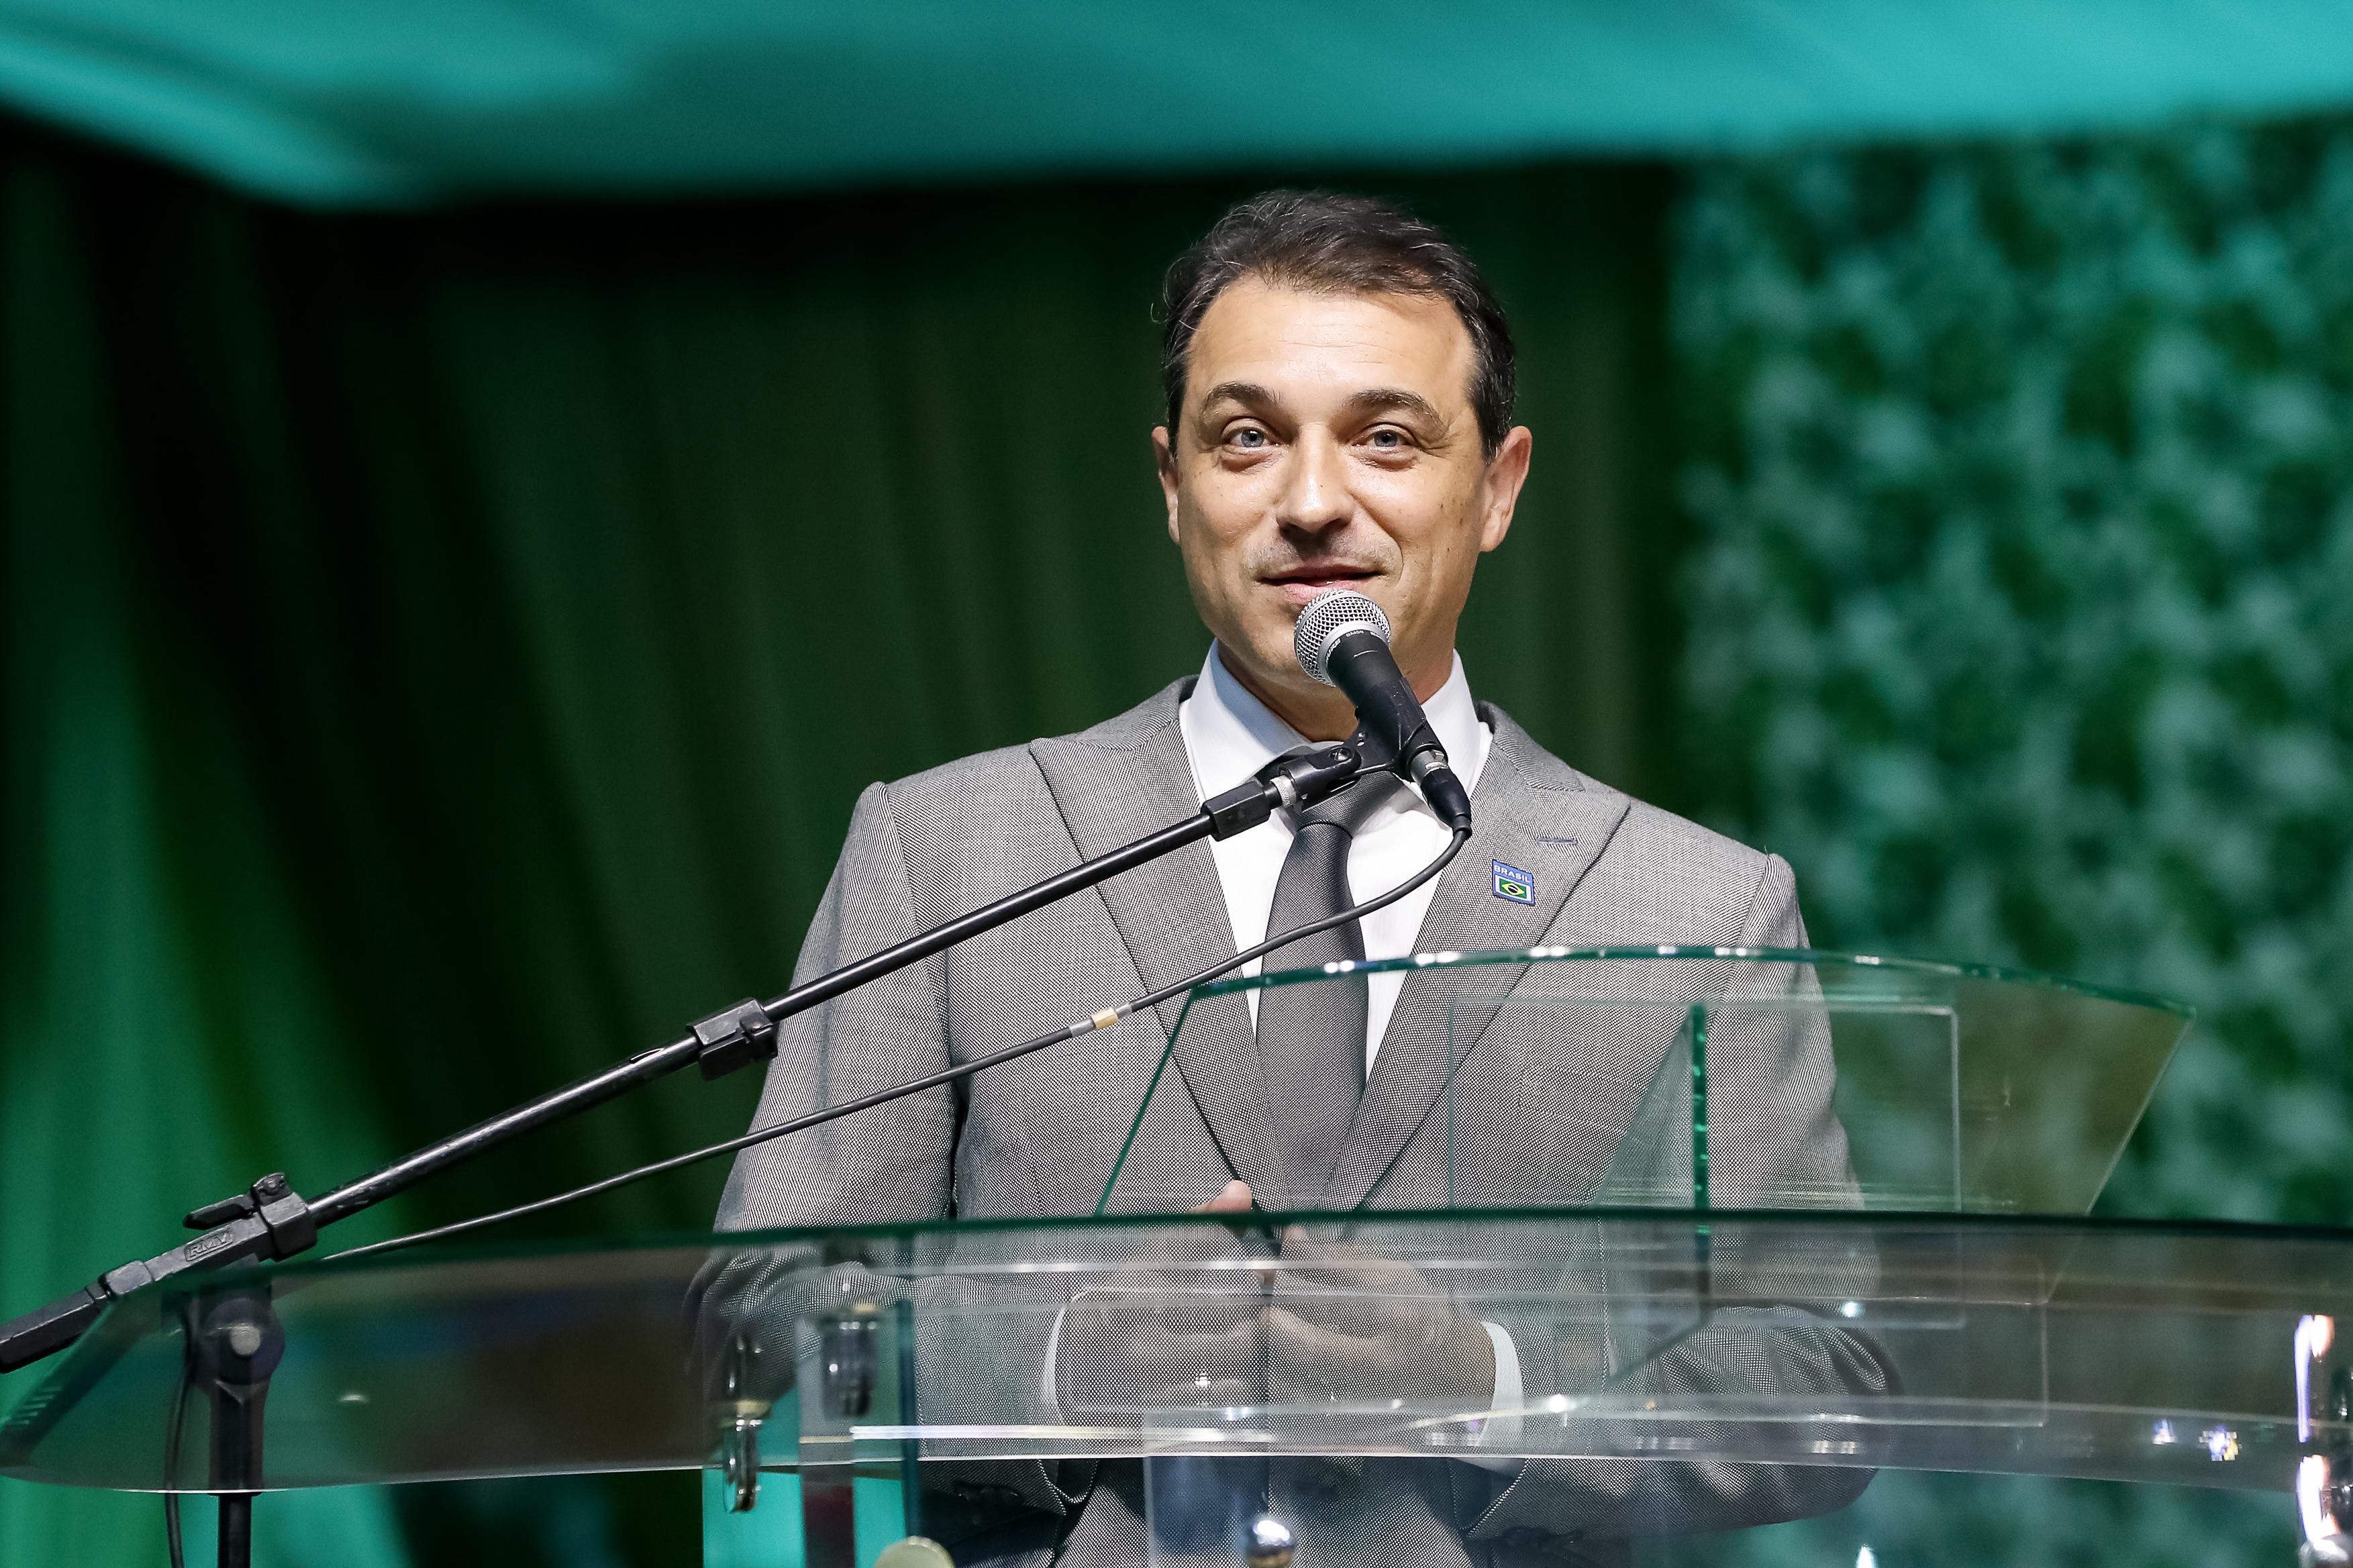 IMAGEM: Conhecimento jurídico de Carlos Moisés impede absolvição, diz acusação